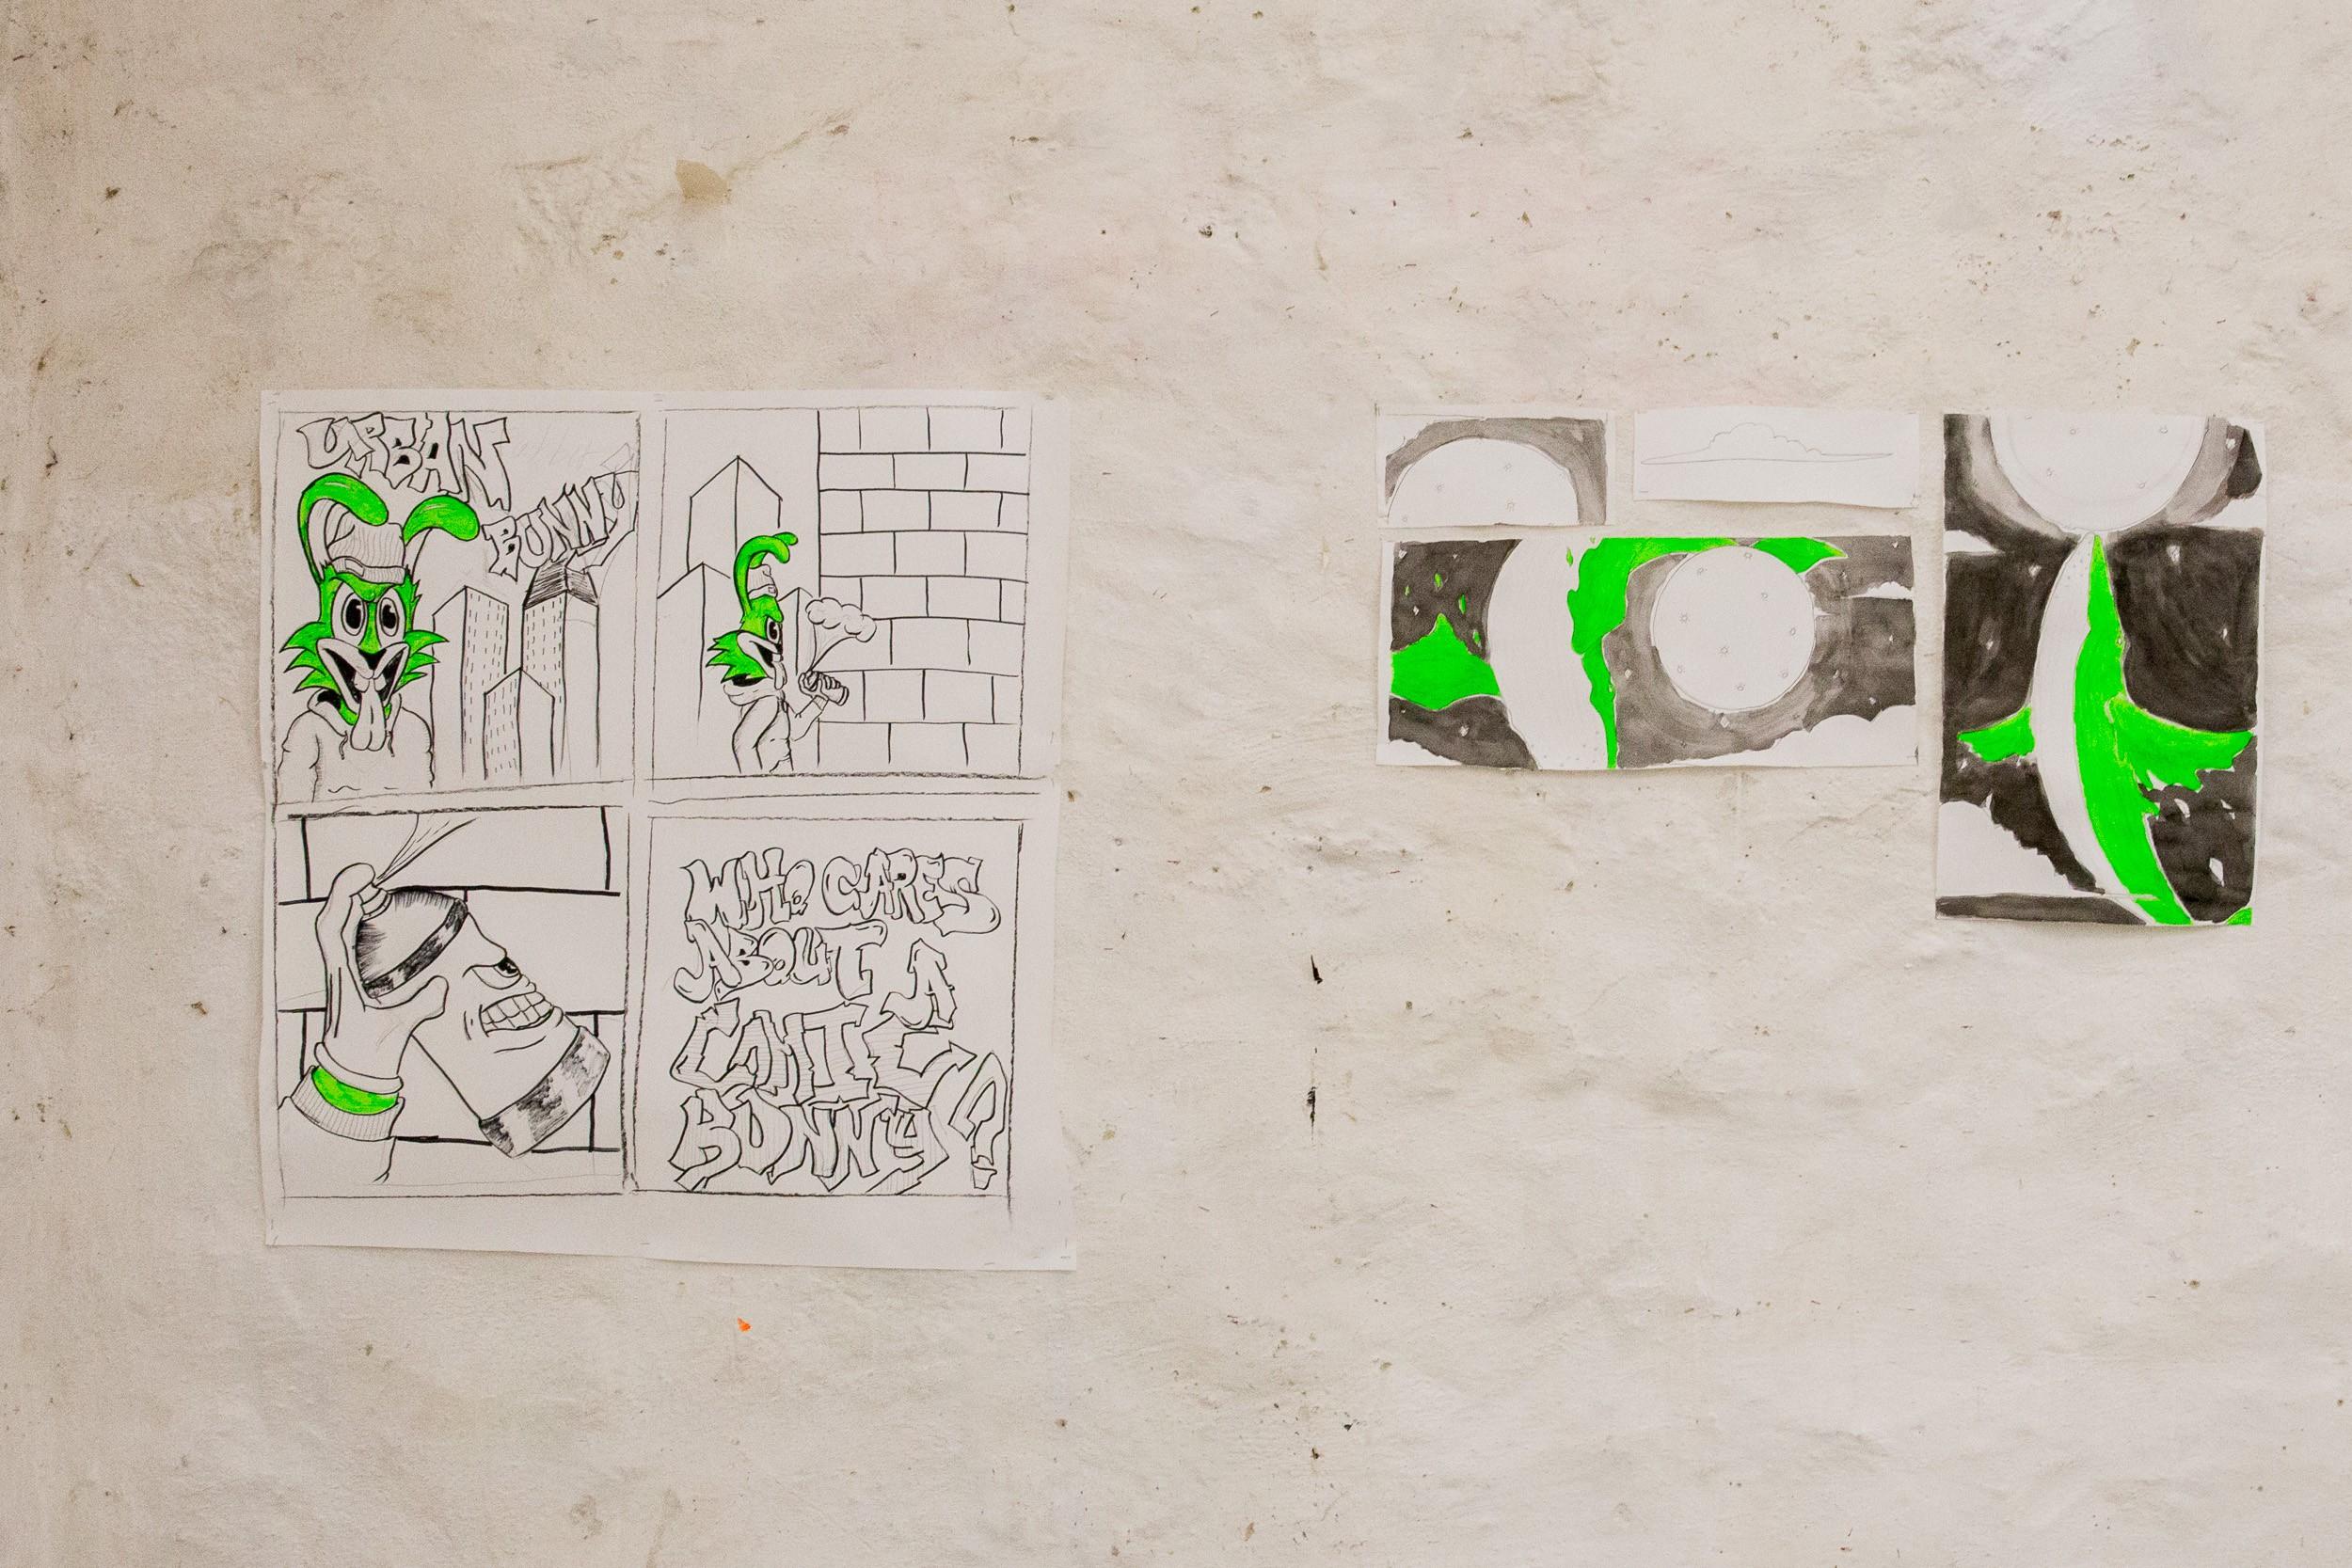 Tegneserier på Kunsthøjskolen